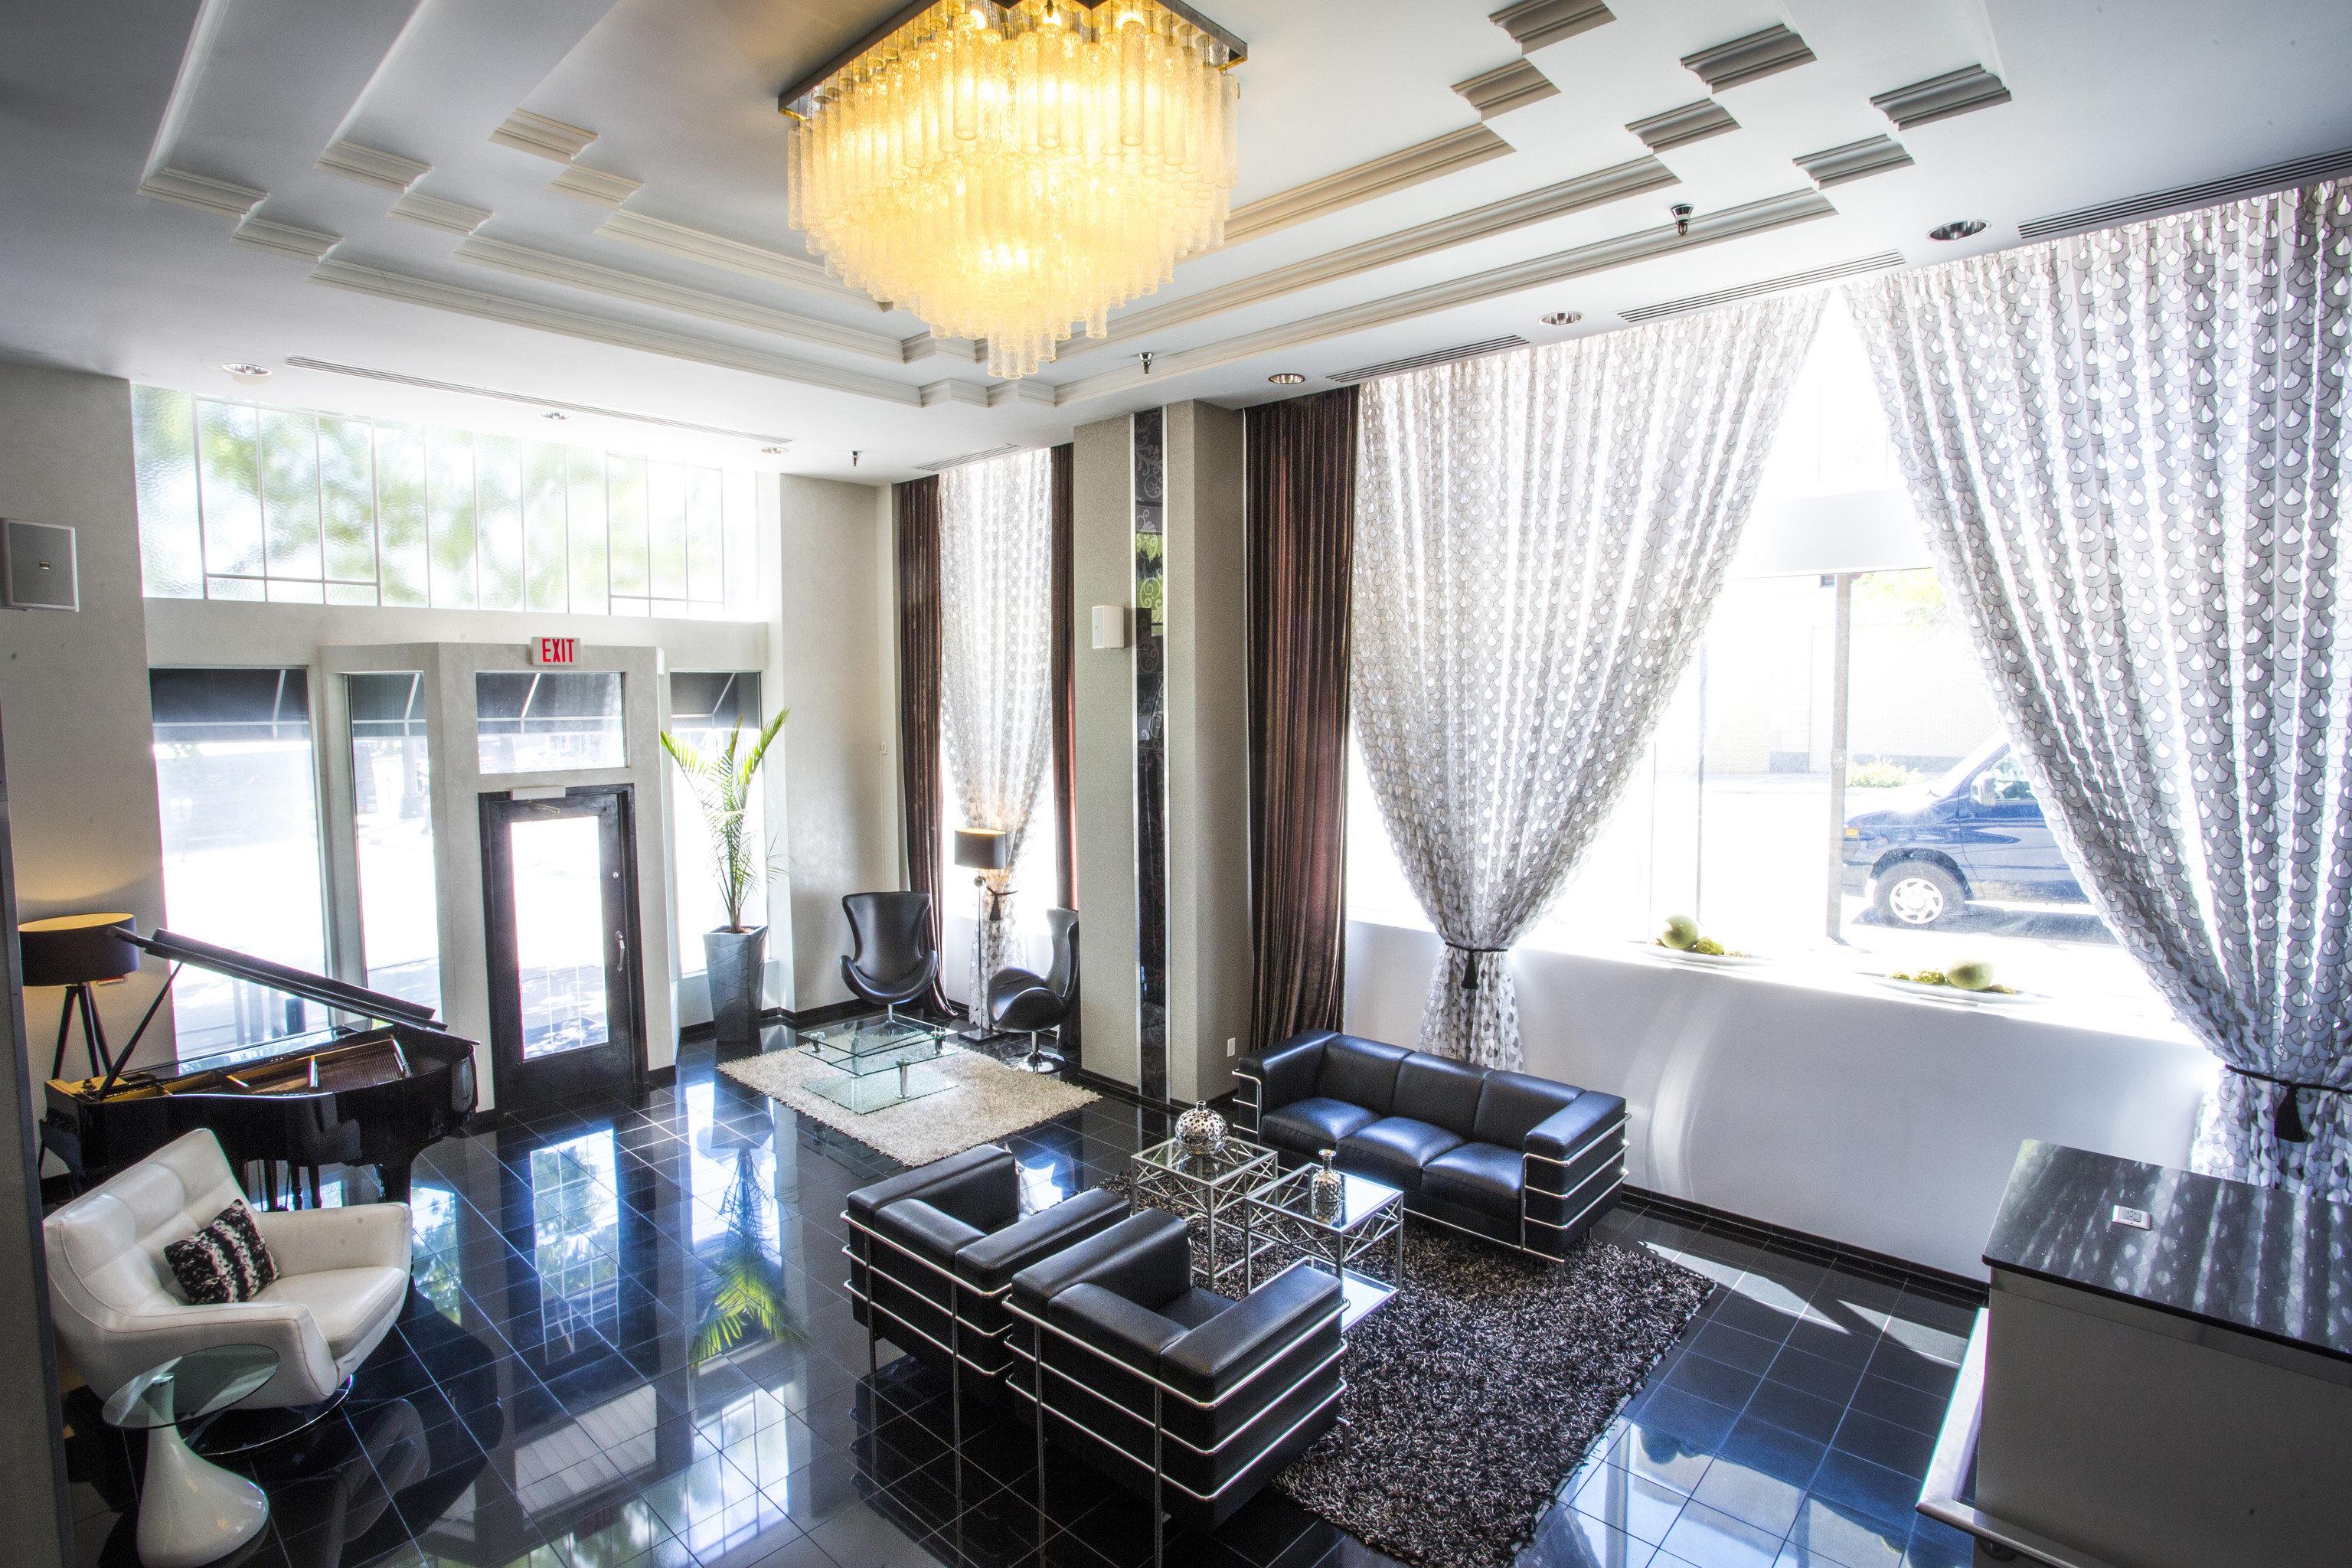 Trip Ideas indoor room property window condominium interior design living room real estate home estate Design apartment